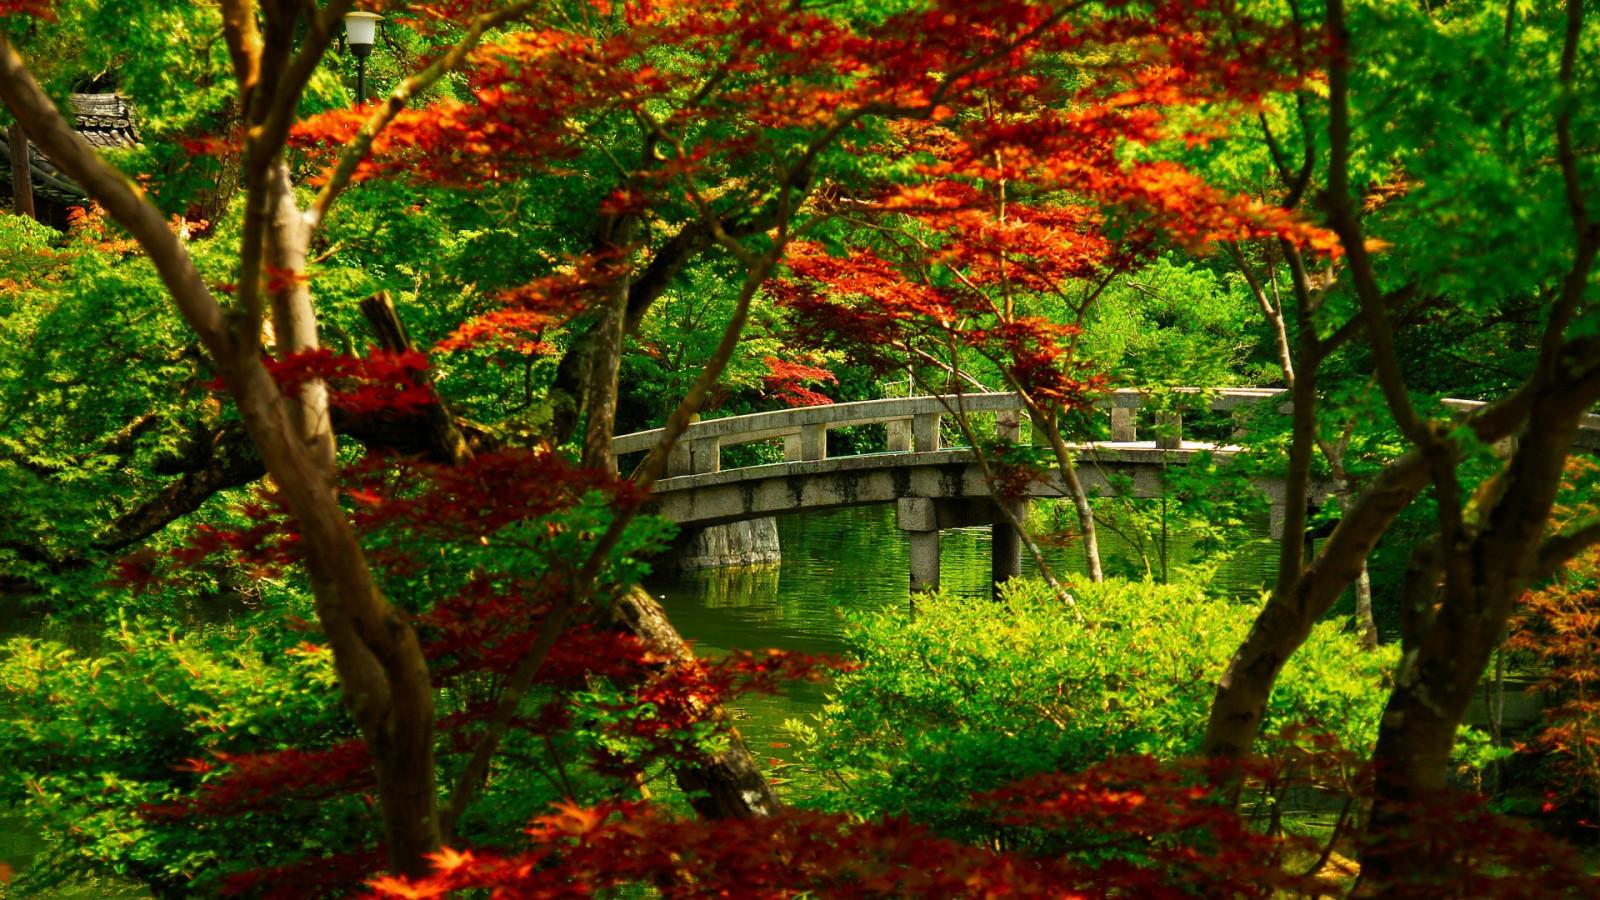 Fond d 39 cran for t la nature jungle rable japonais for Plante jungle